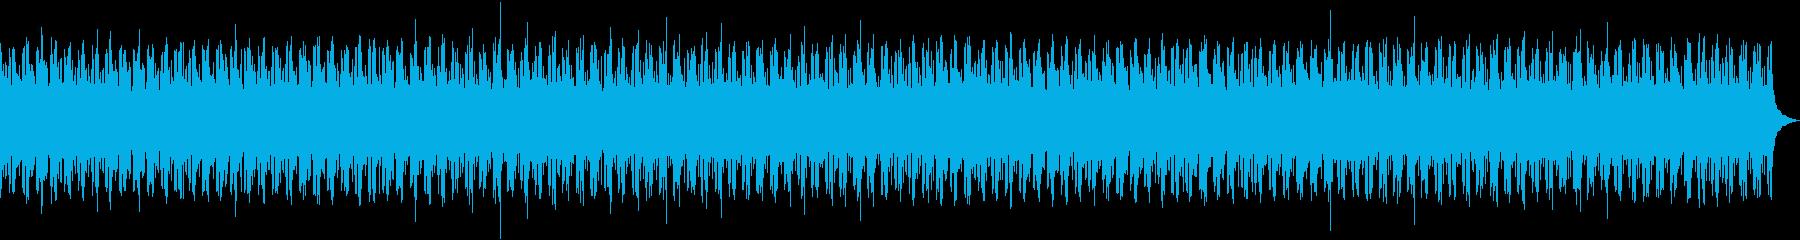 日常ヒップホップ・温かい・チュートリアルの再生済みの波形